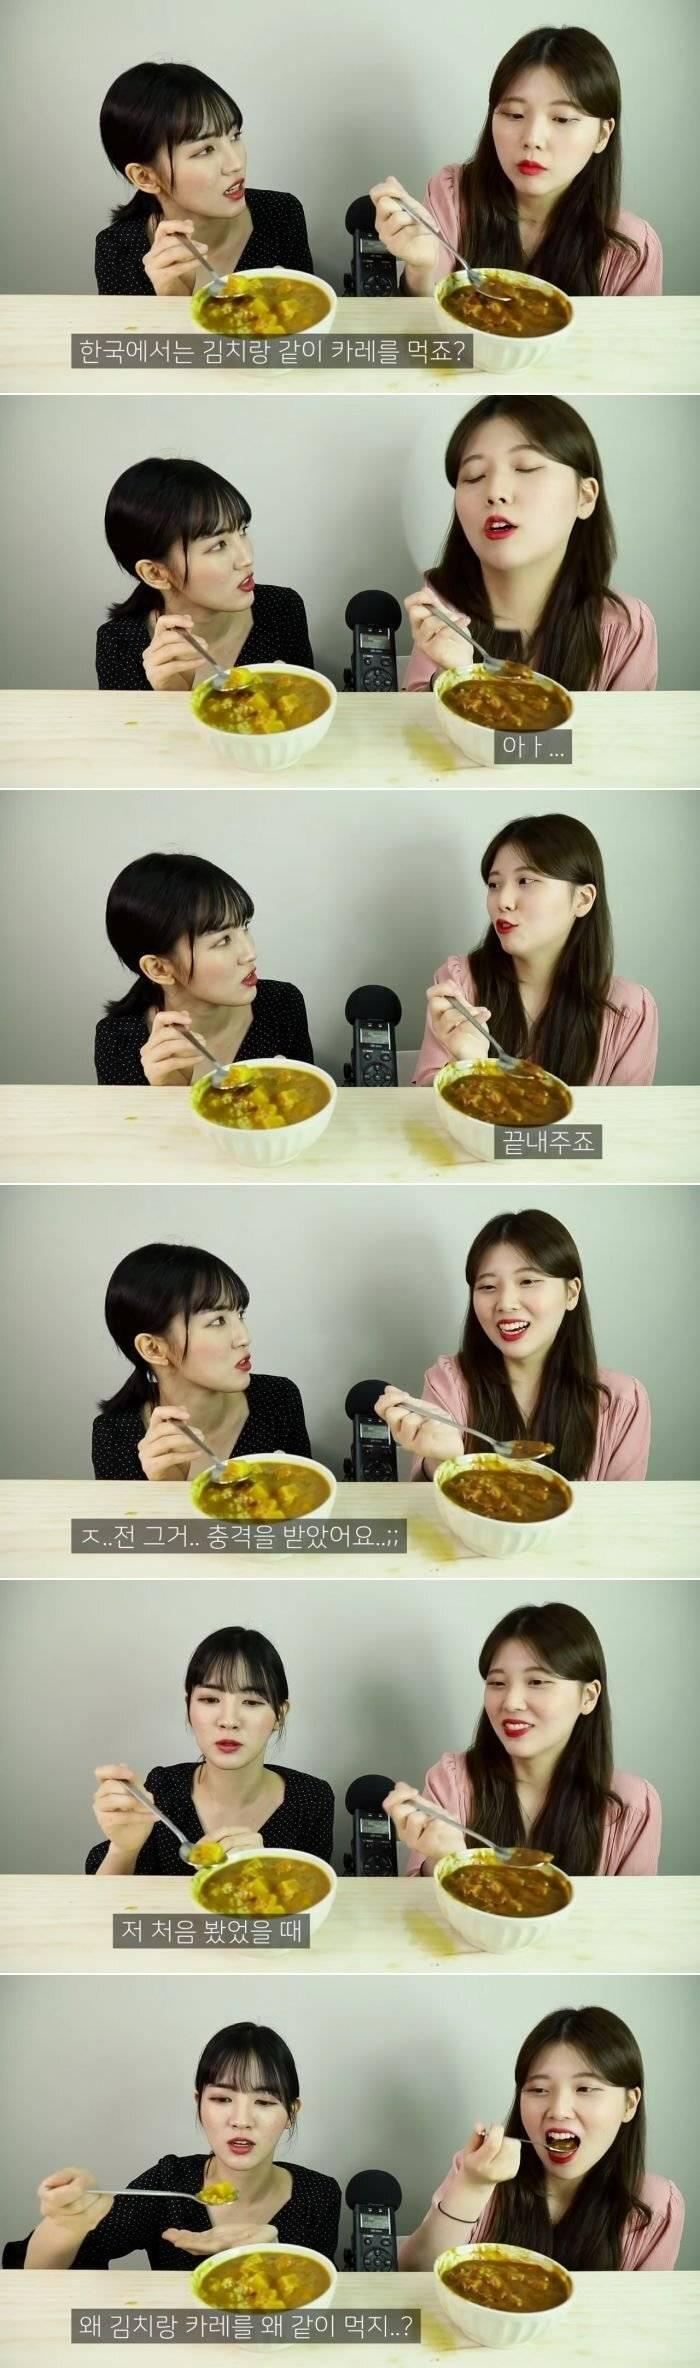 외국인은 놀란다는 한국 음식조합.jpg | 인스티즈